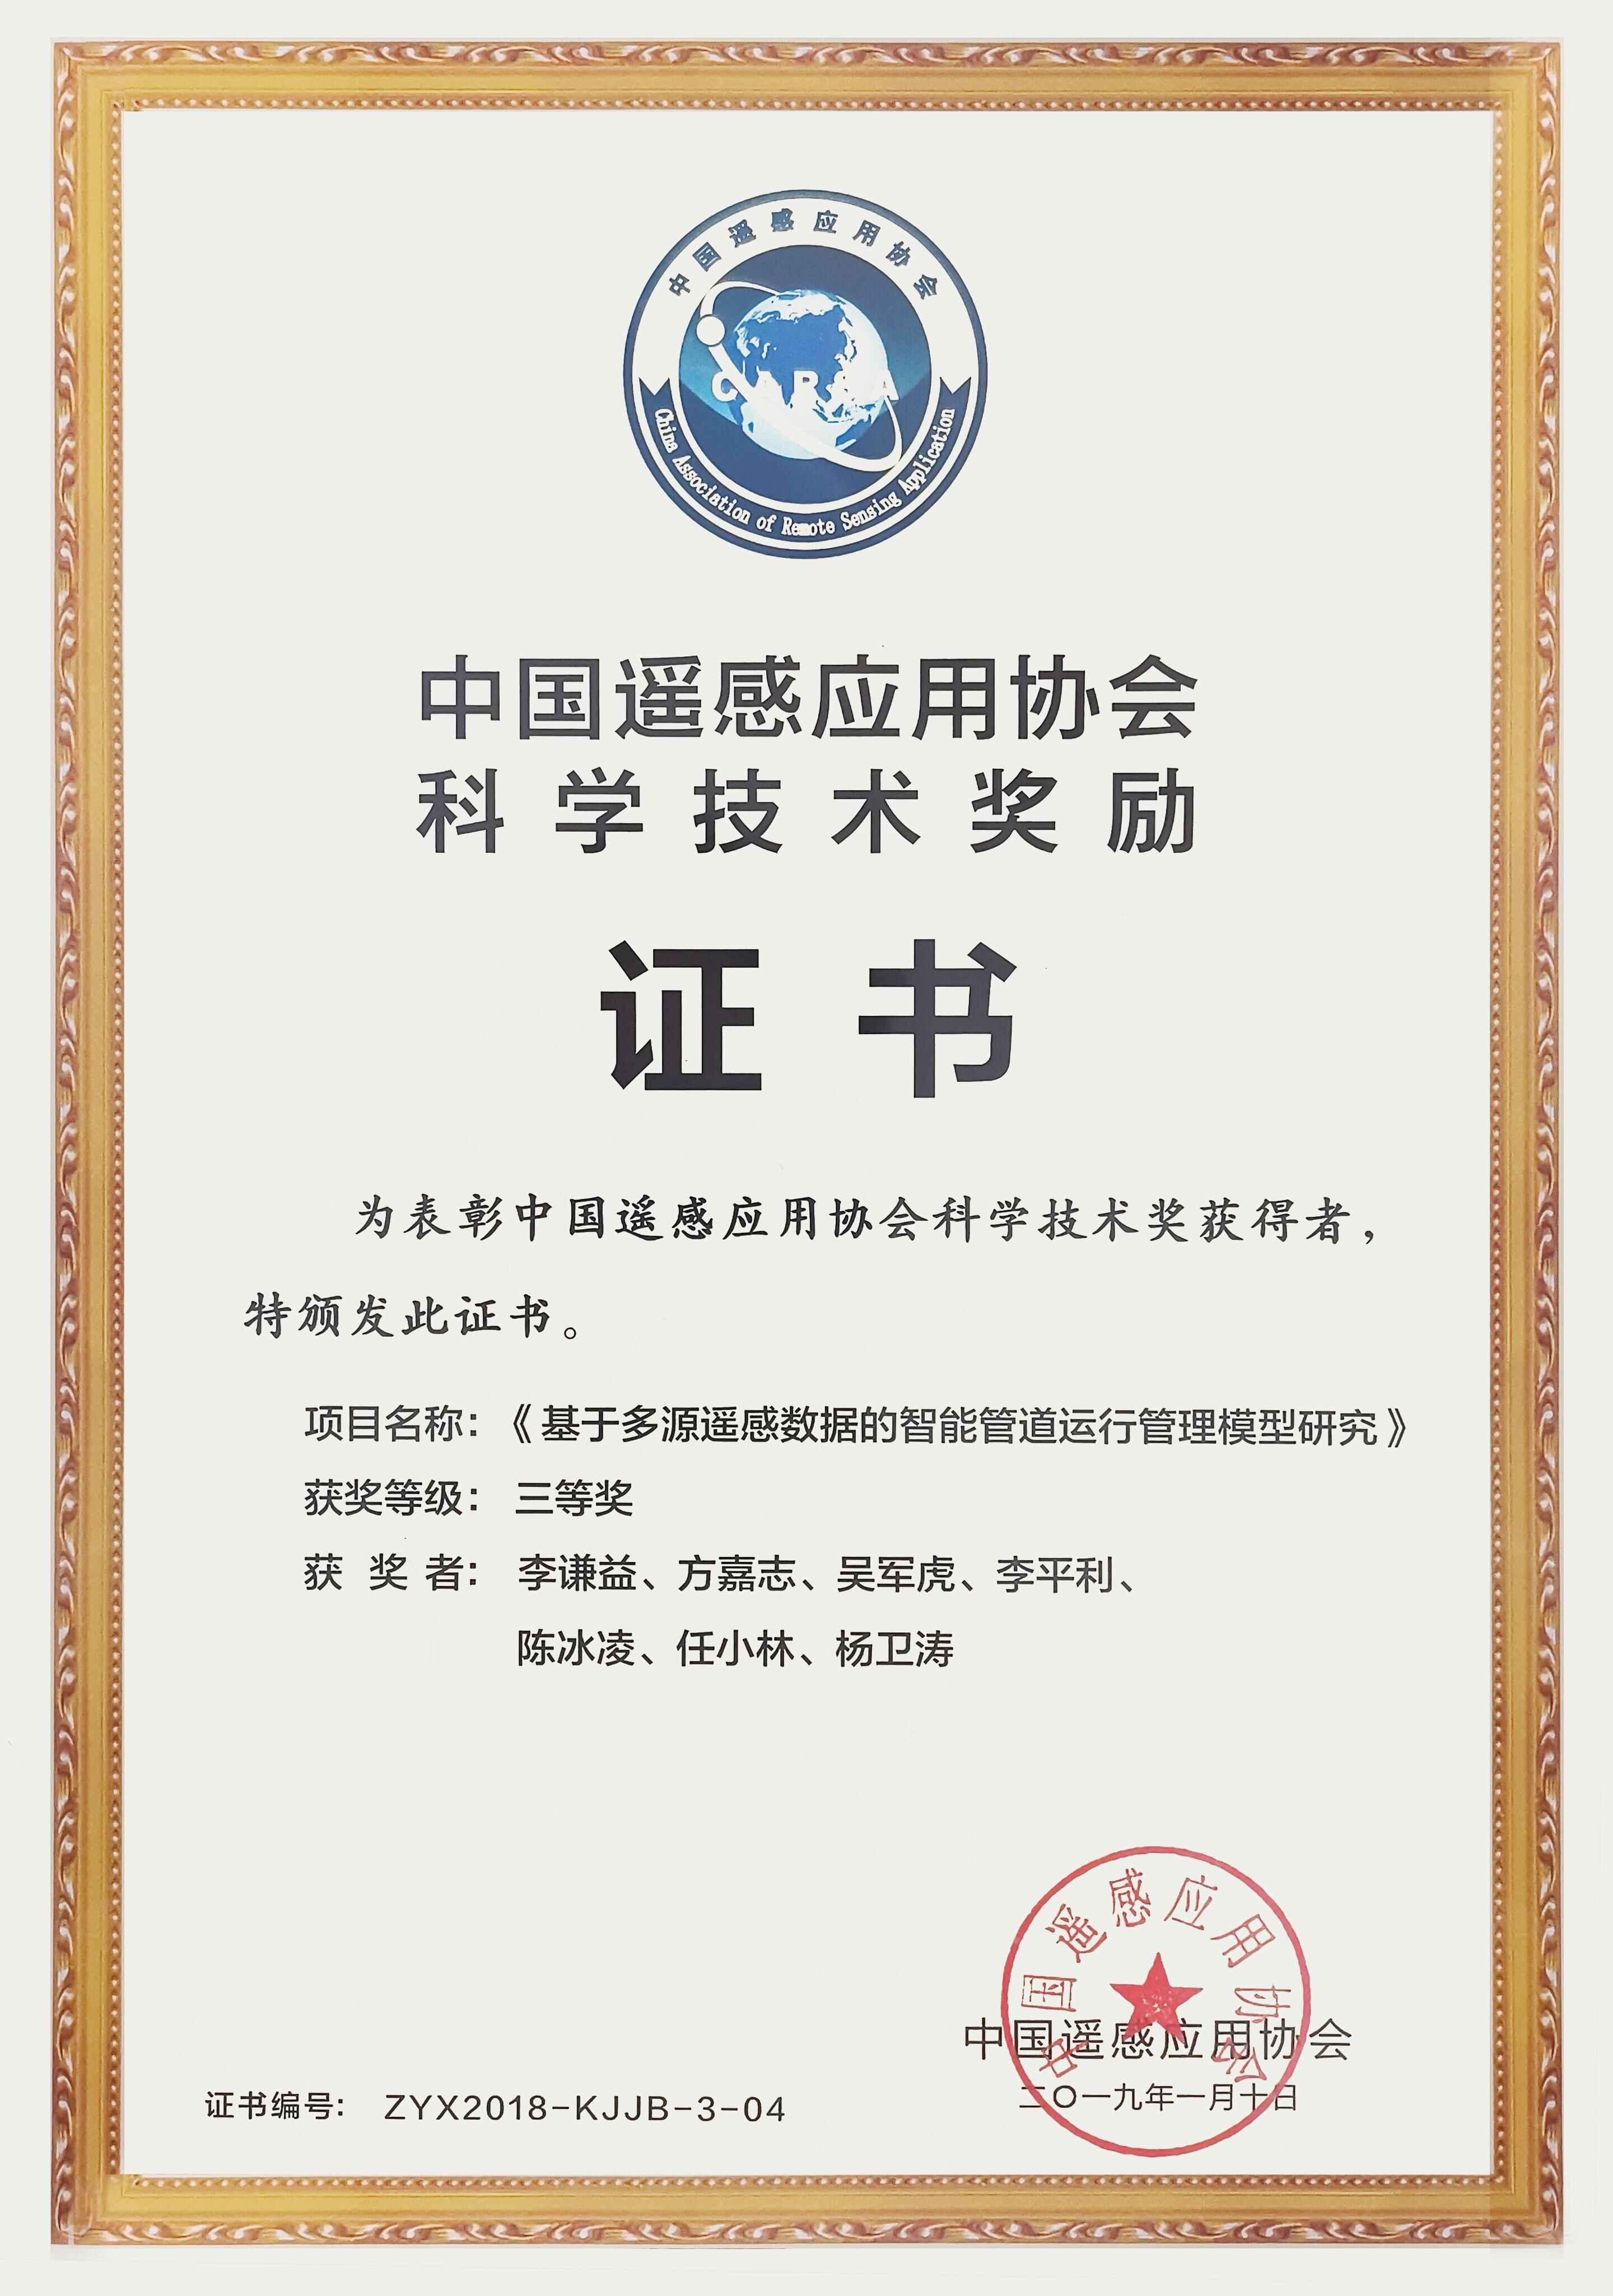 中国遥感应用协会科学技术奖